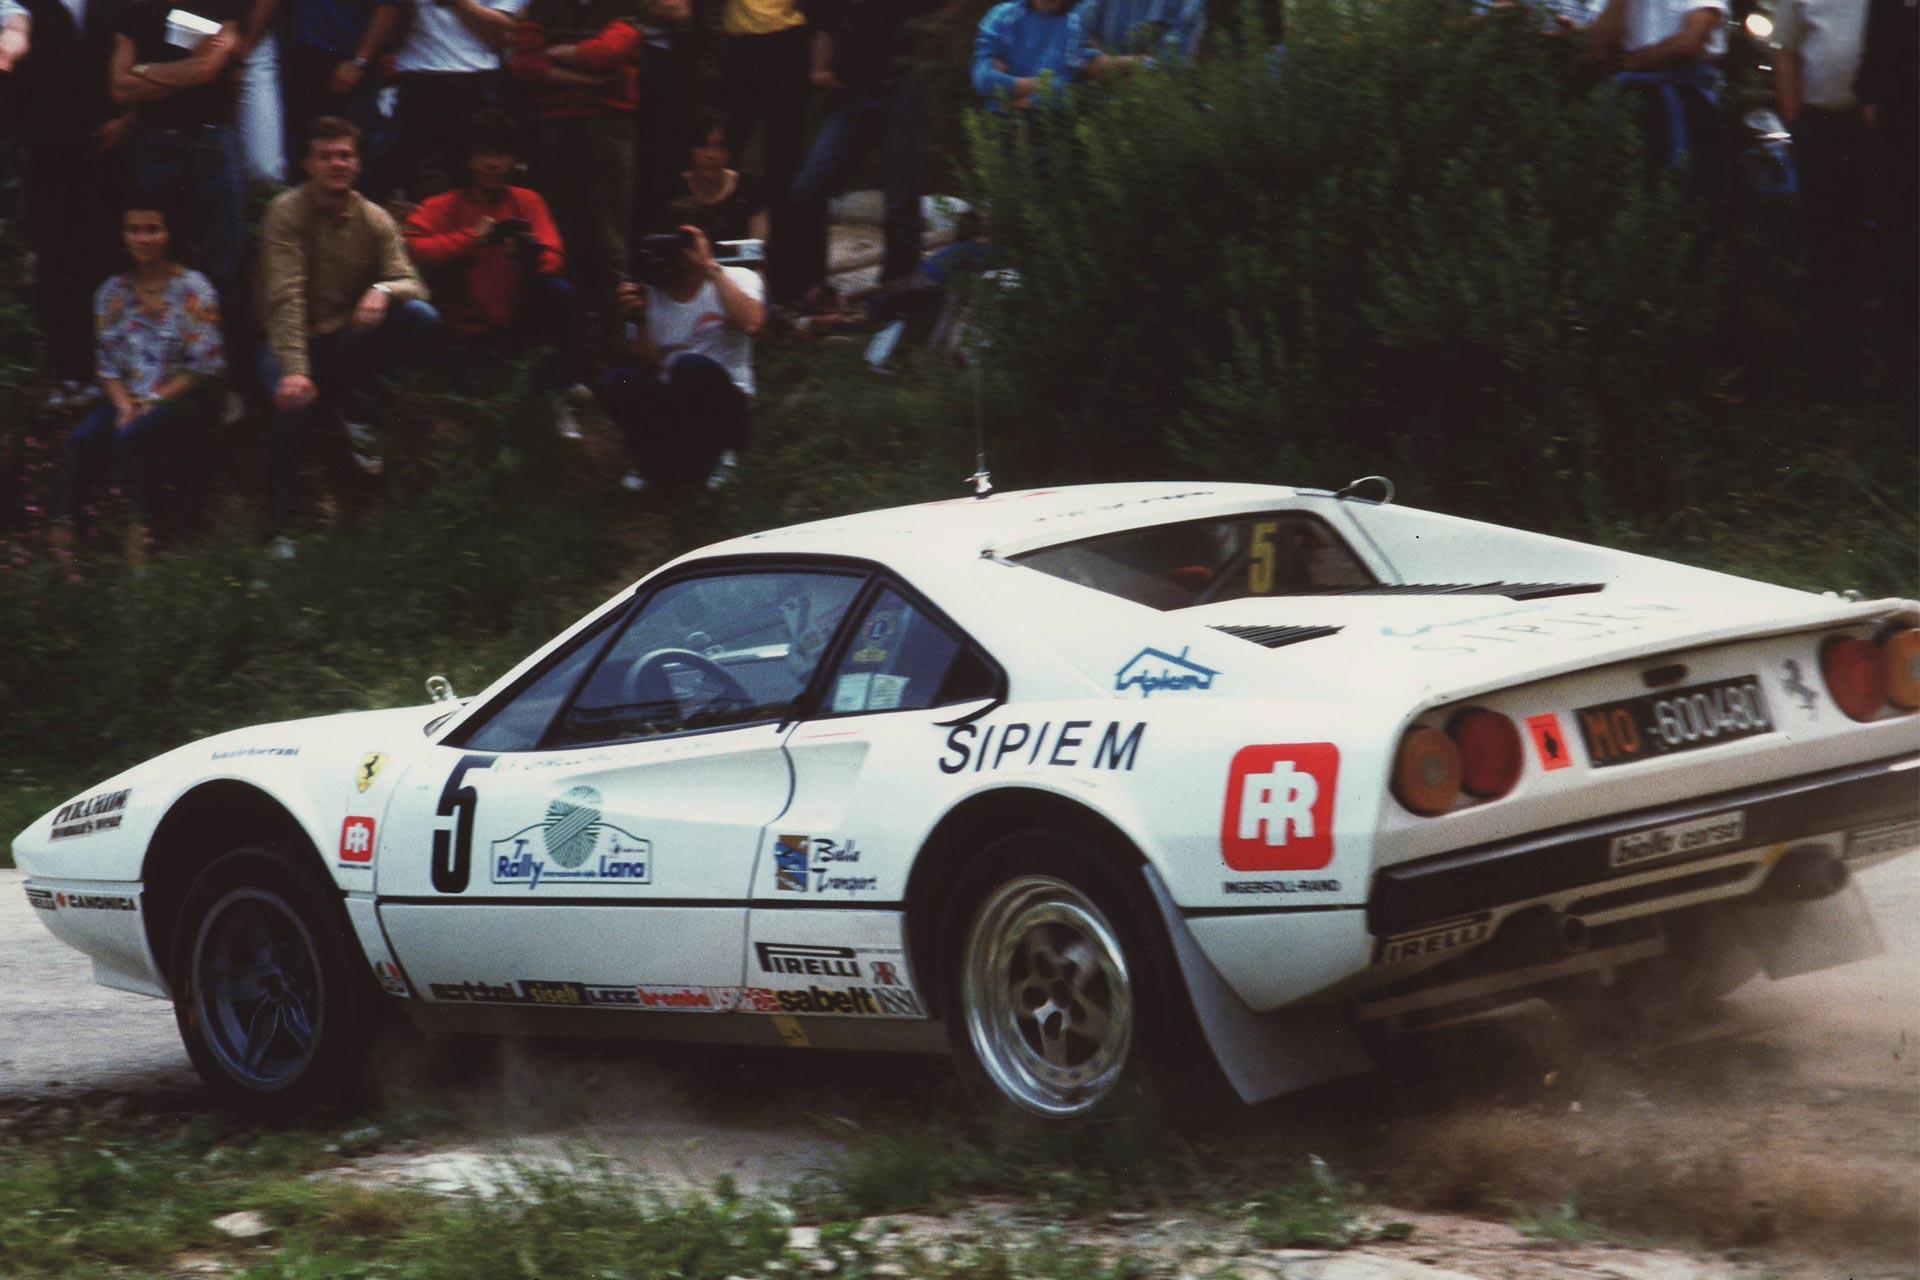 Ferrari-308-GTB-Michelotto-Group-B-for-sale-26